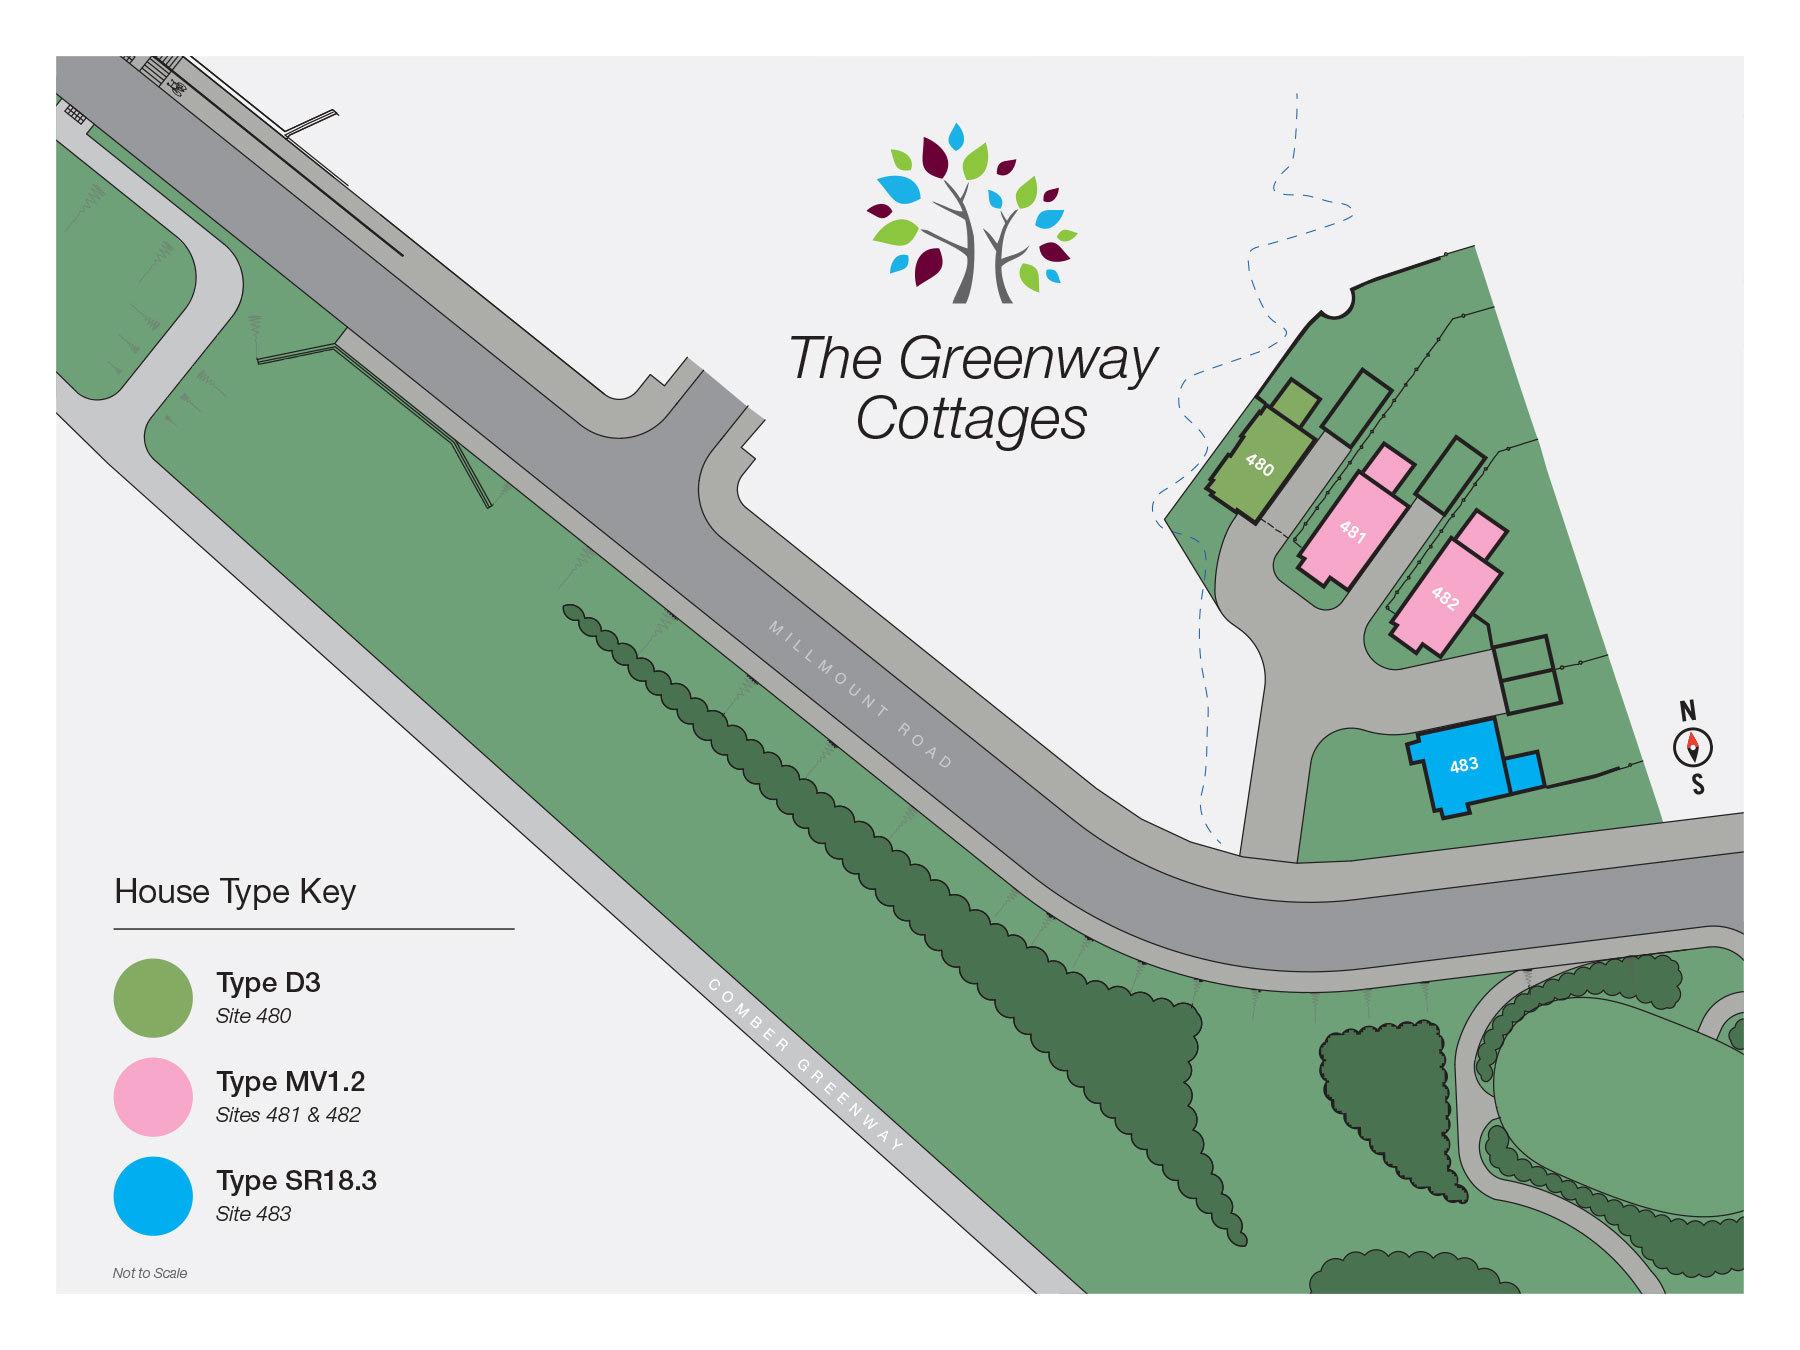 Greenway-Cottages-SL-02.jpg?mtime=20190930142631#asset:6251